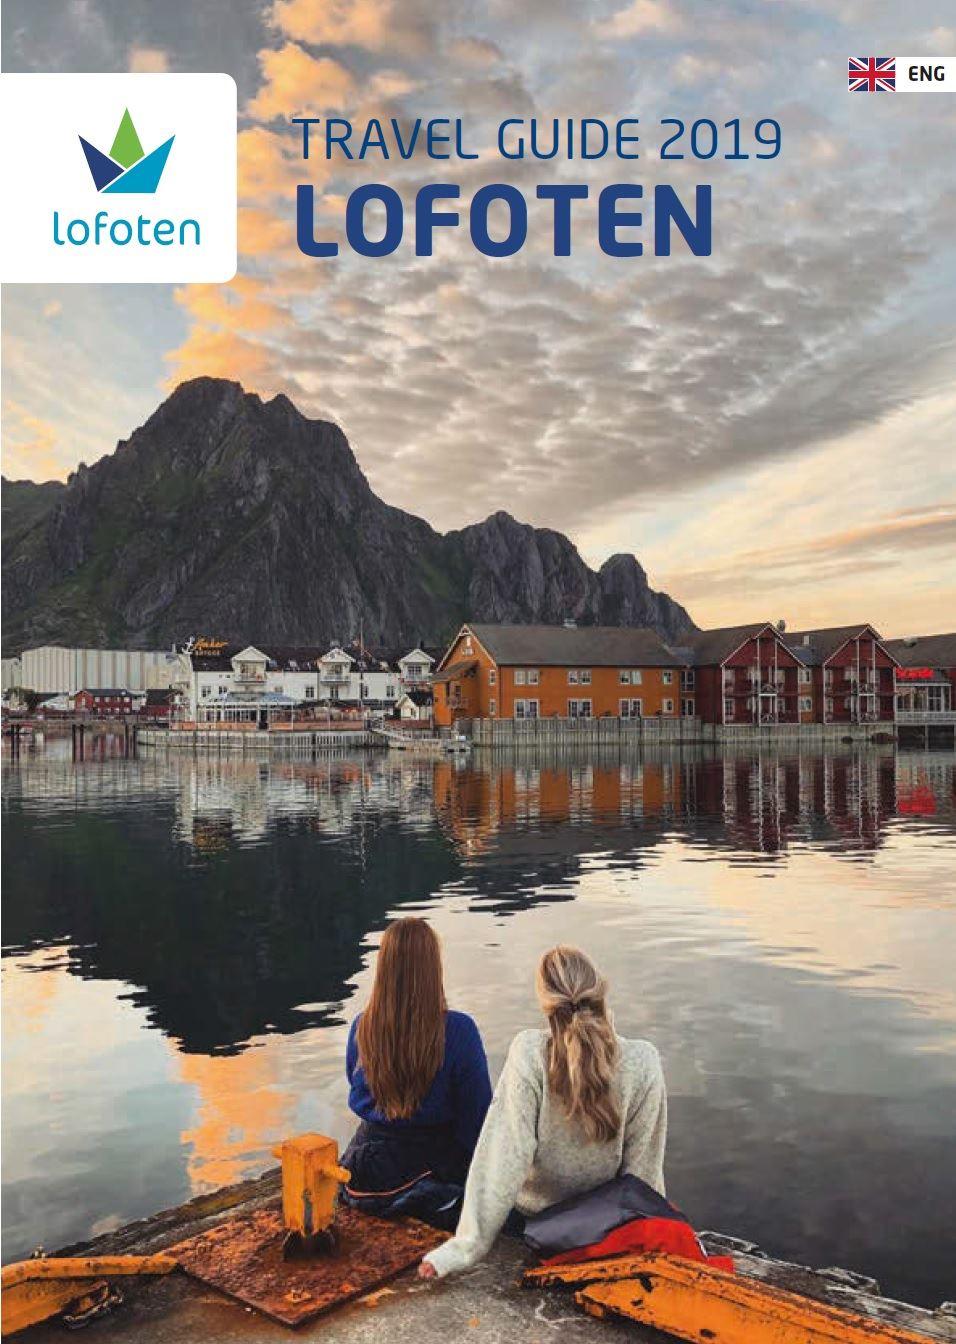 Travel Guide Lofoten 2019 in English